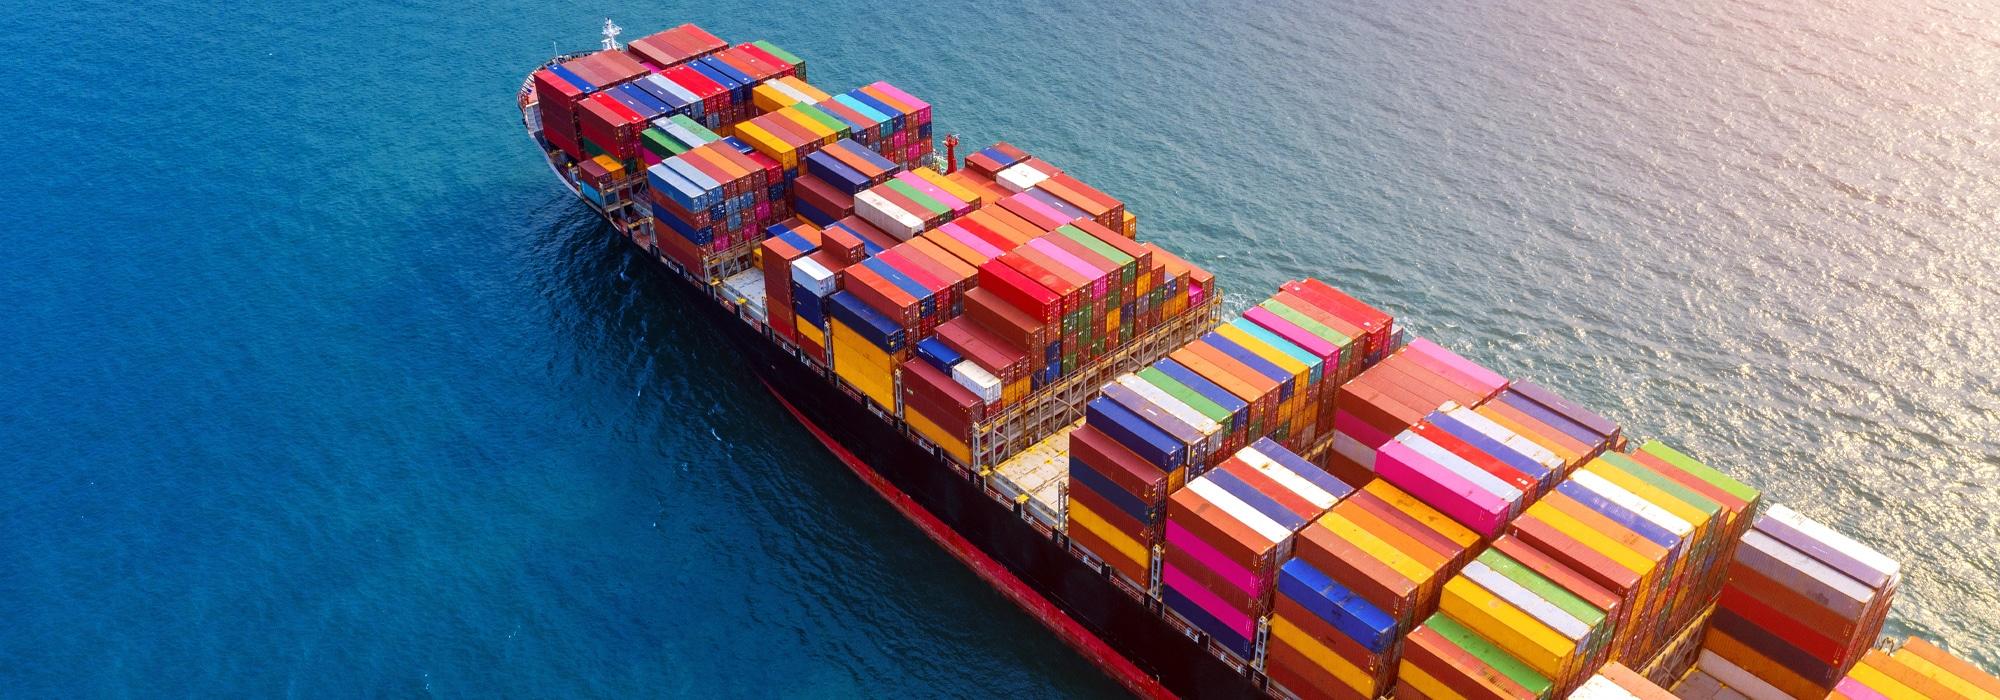 How Long Does Buymoda Shipping Take?